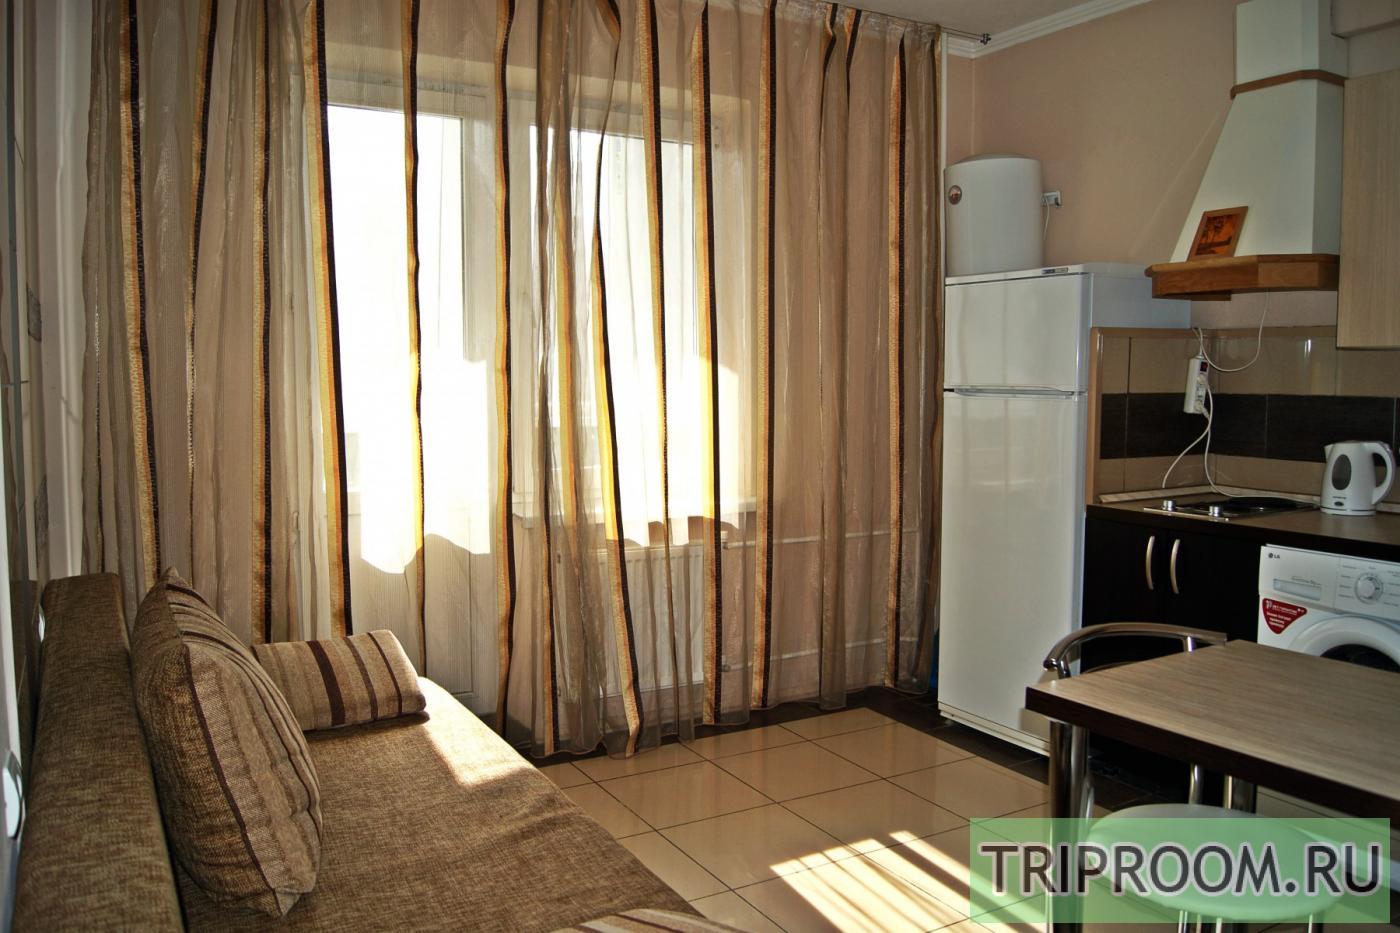 1-комнатная квартира посуточно (вариант № 33583), ул. Ставропольская улица, фото № 7